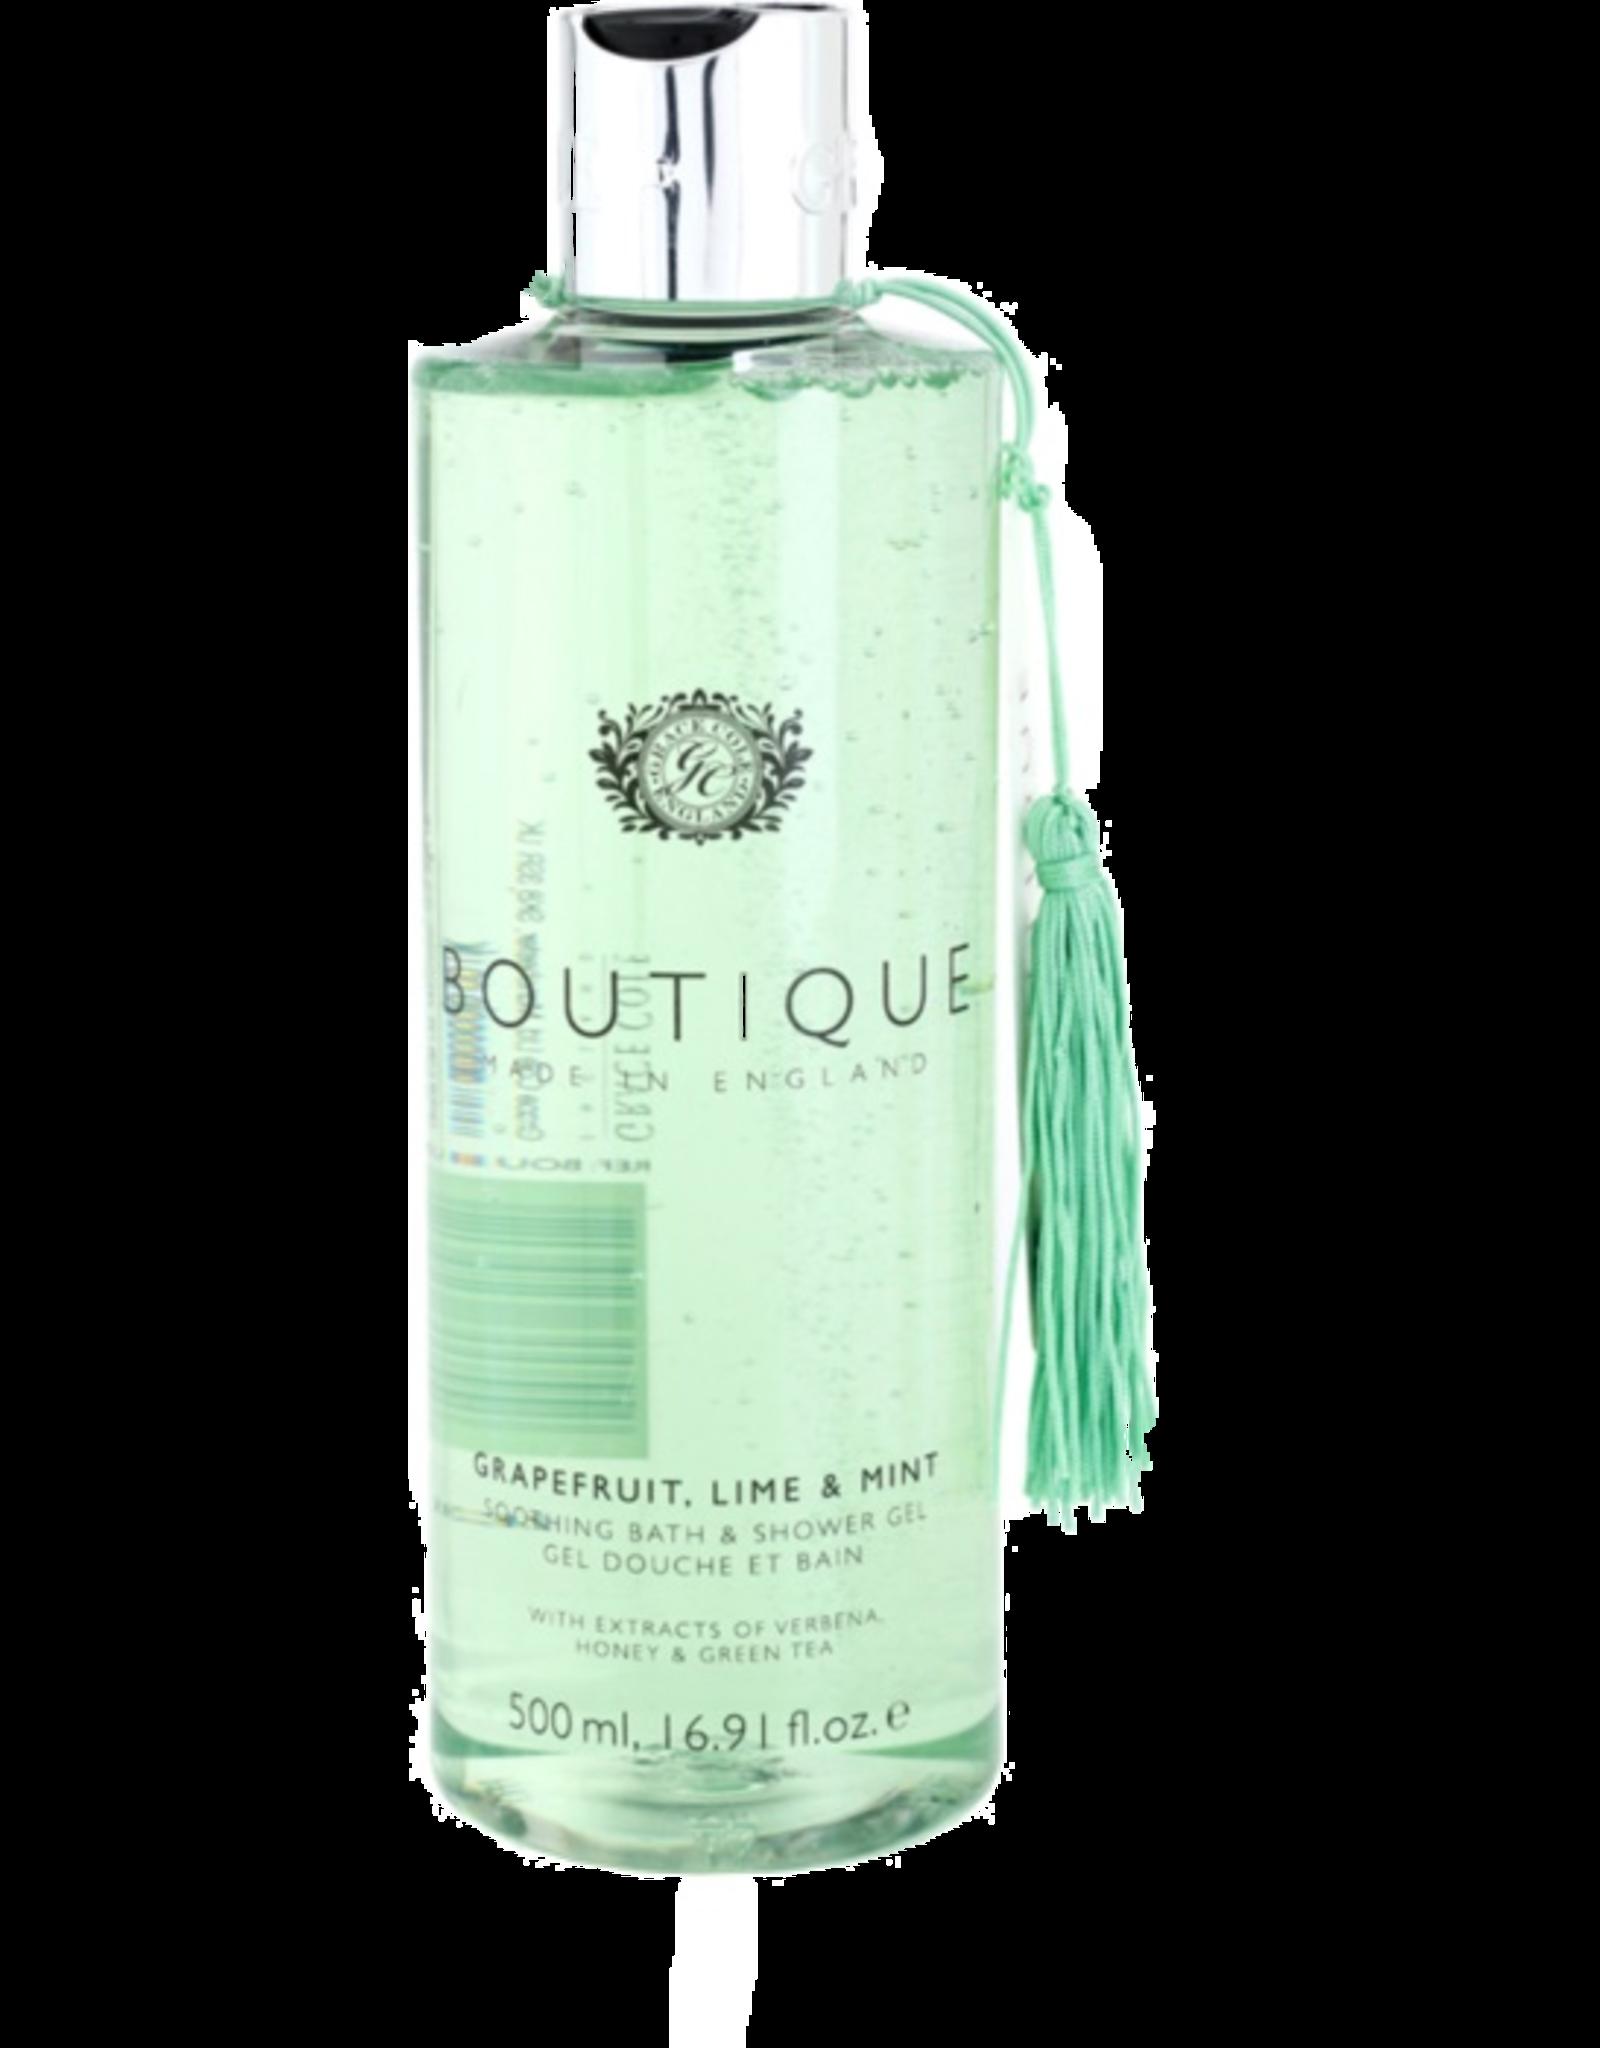 Boutique Badgel Grace Cole Boutique Grapefruit Lime & Mint - Body & Soap